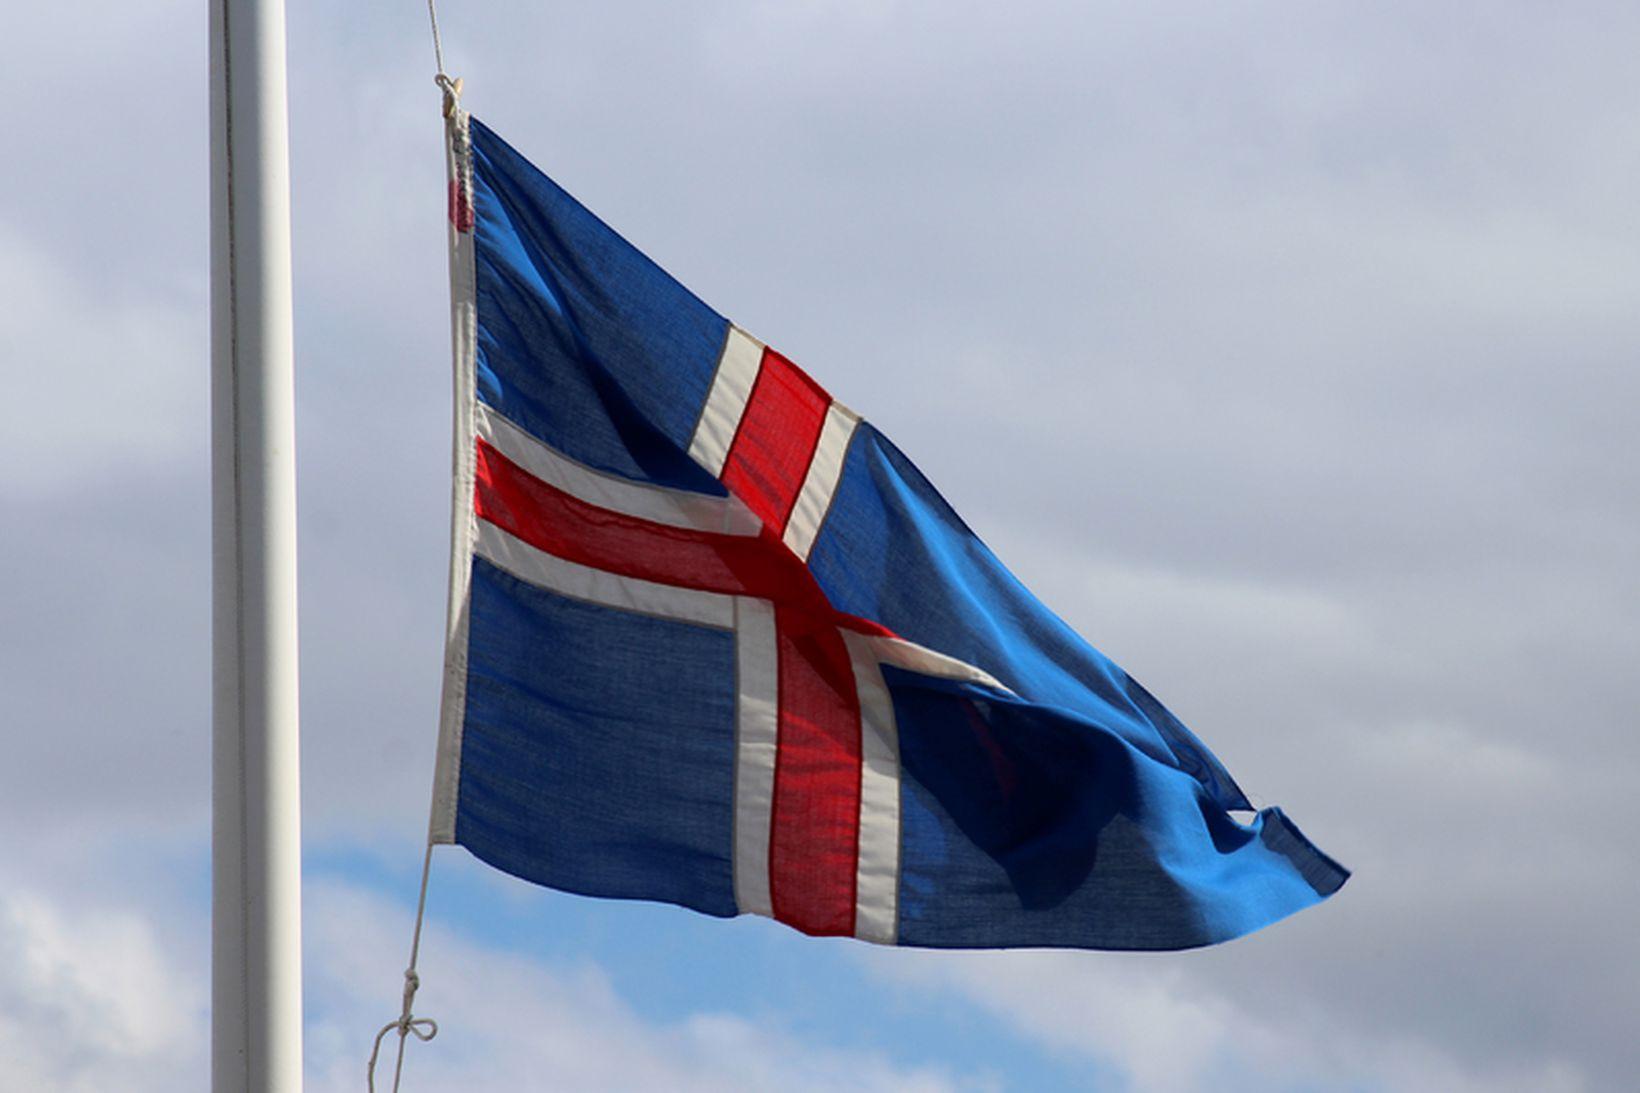 Sá siður að flagga í hálfa stöng við andlát er …